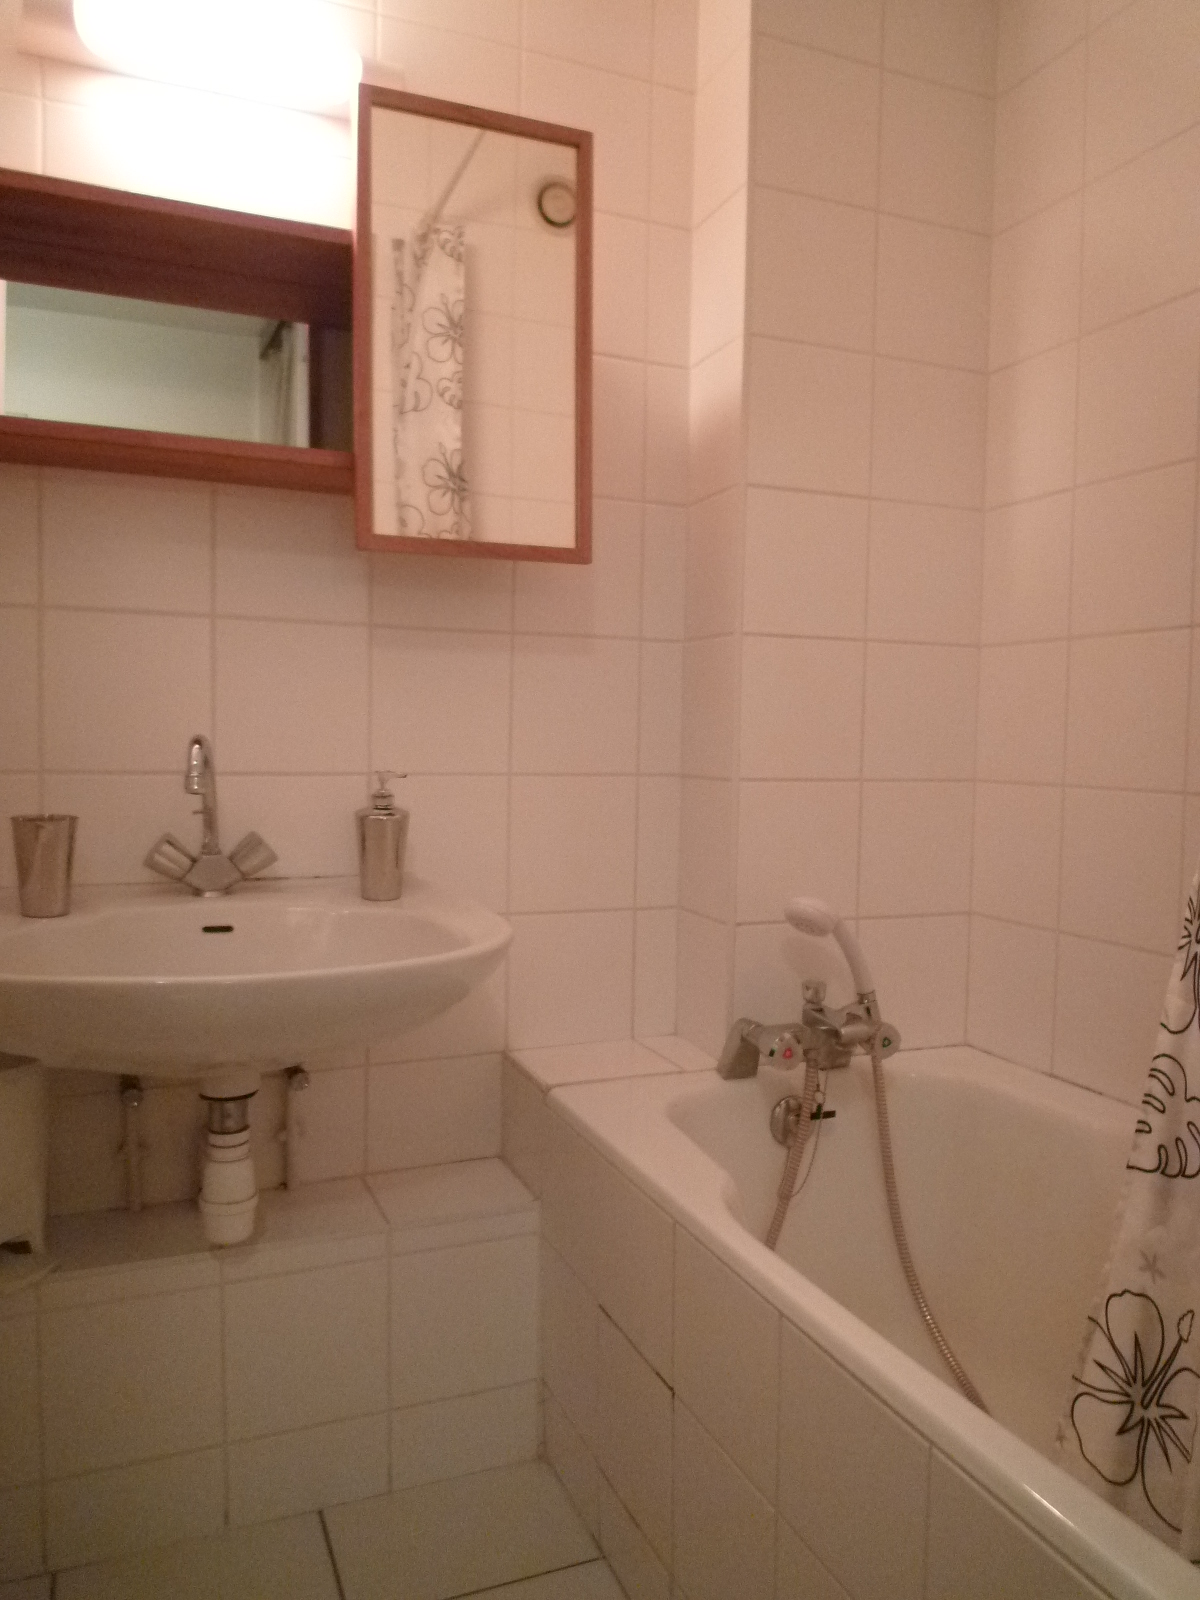 [Canon] 2 pièces meublé - Krutenau / rue d'Austerlitz - nos locations - Beausite Immobilier 4